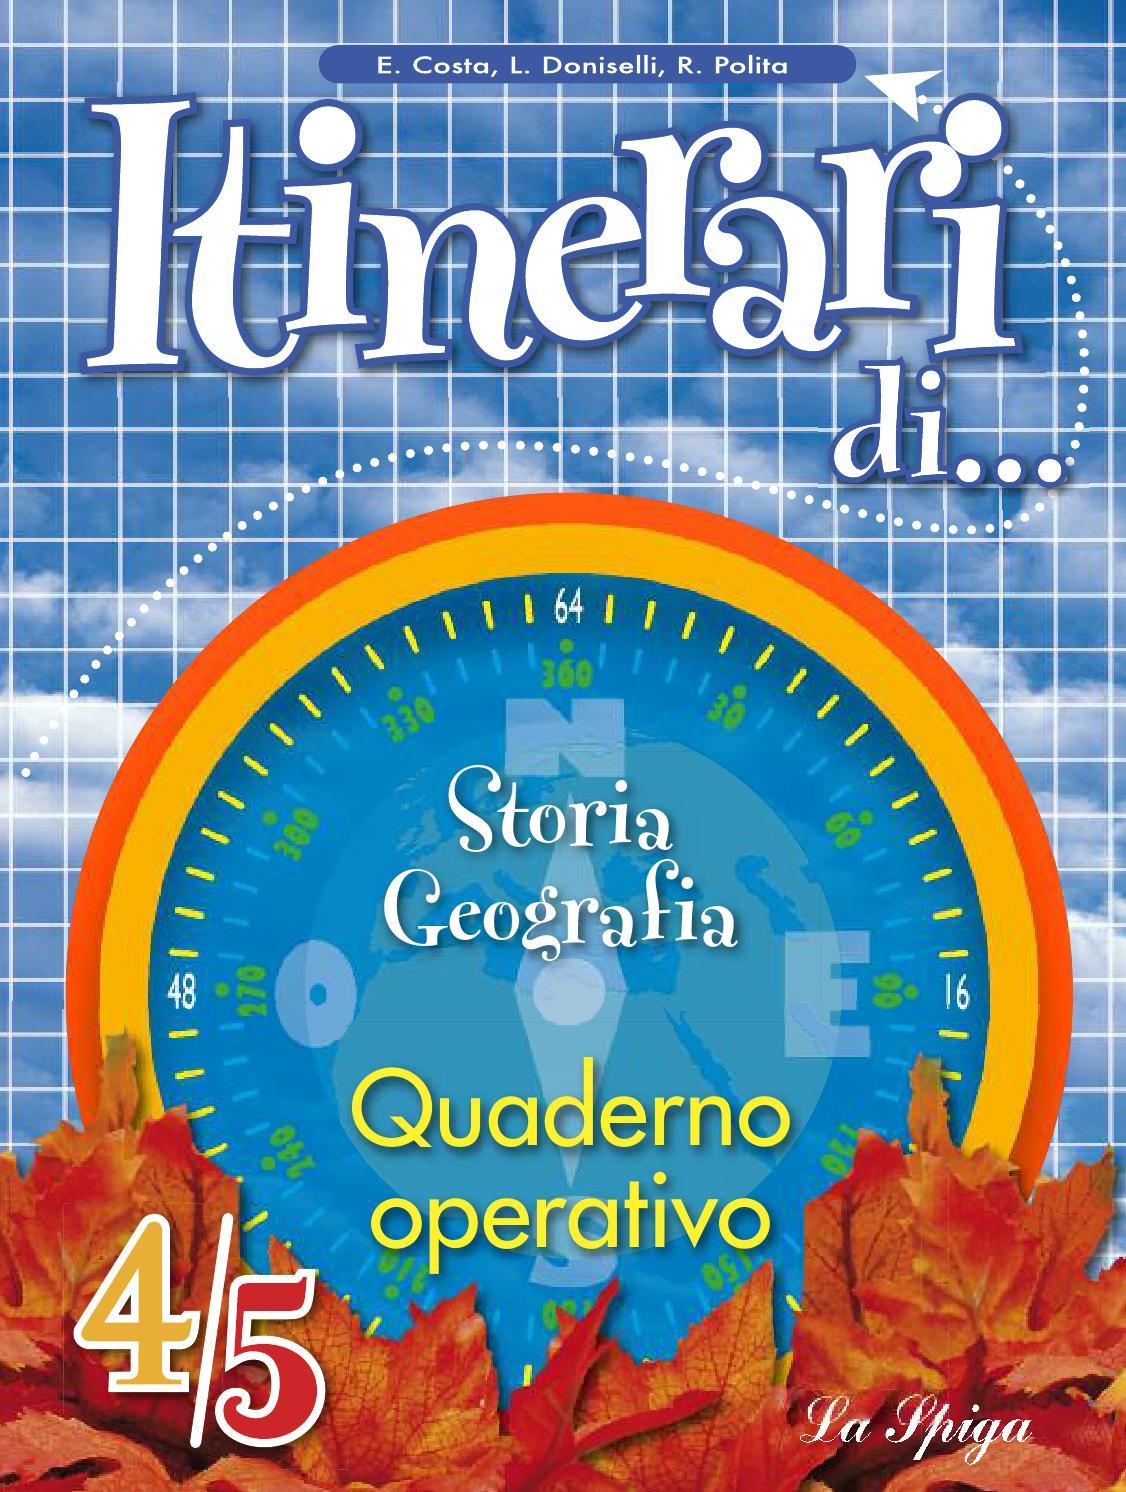 Itinerari Quaderno Storia Geo45 By Roberta Burlando Issuu